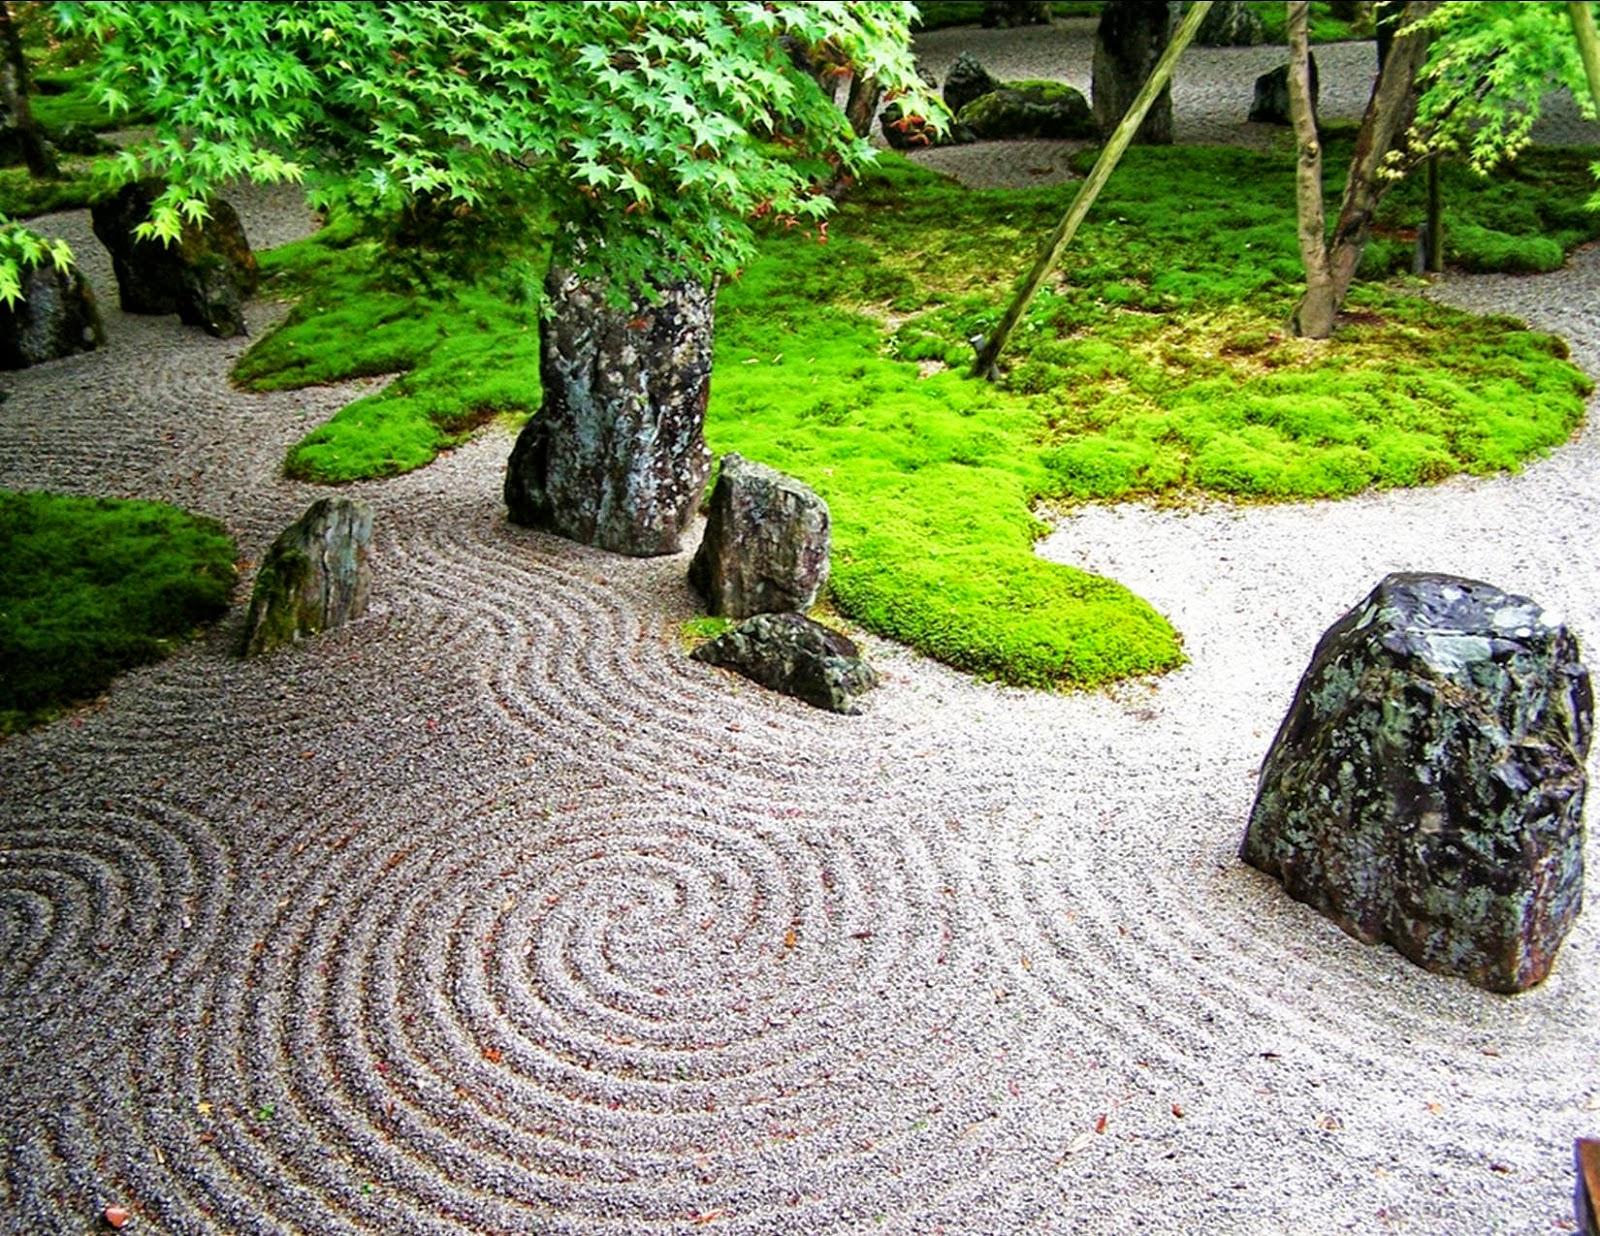 El argel vivero boutique el jardin y la meditacion for Vivero el jardin